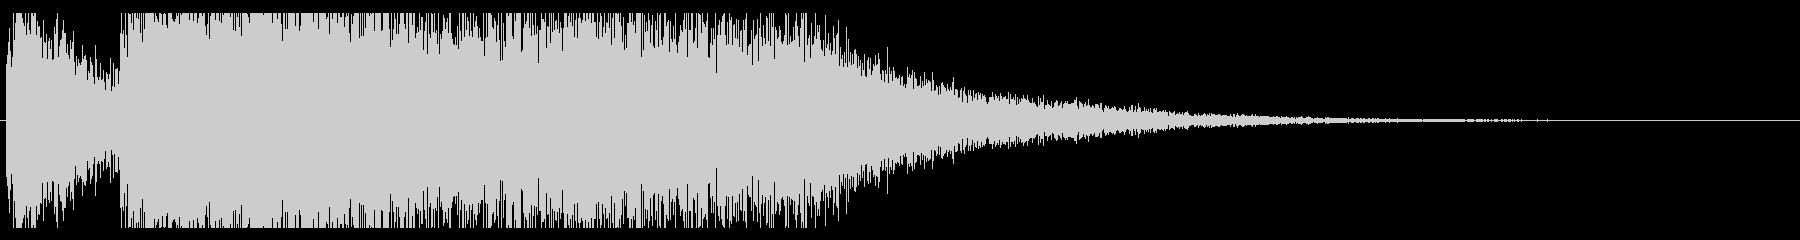 テレー音の未再生の波形